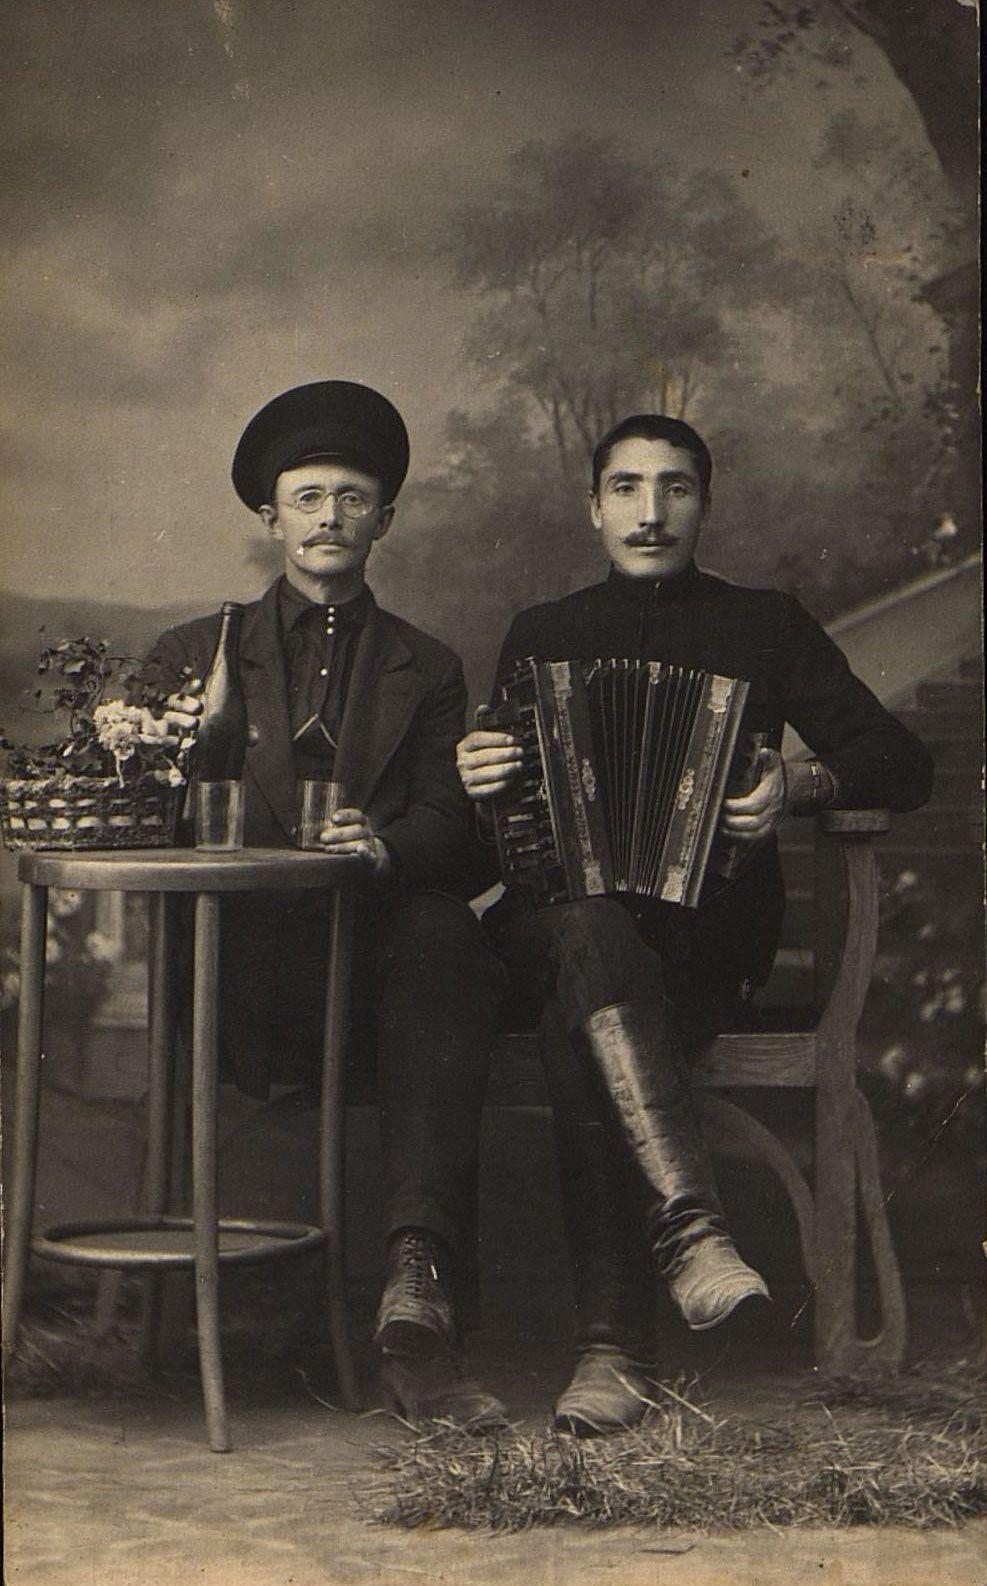 Козлов Пётр Николаевич и Михеев Степан Филиппович, мастера стекольного завода Пьянкова в Кипарисове, близ Владивостока. 1916